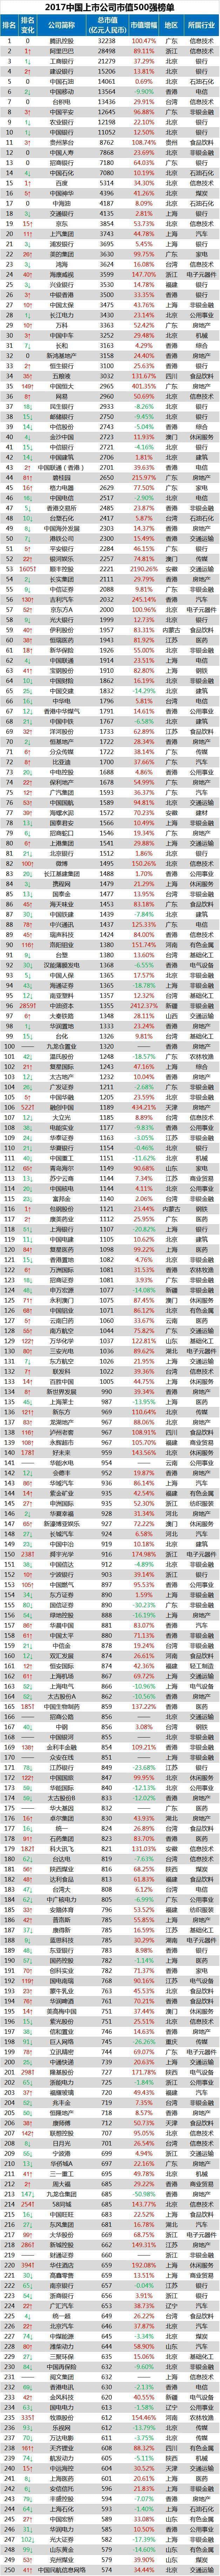 中国各地区、各行业最新龙头一览(值得收藏)